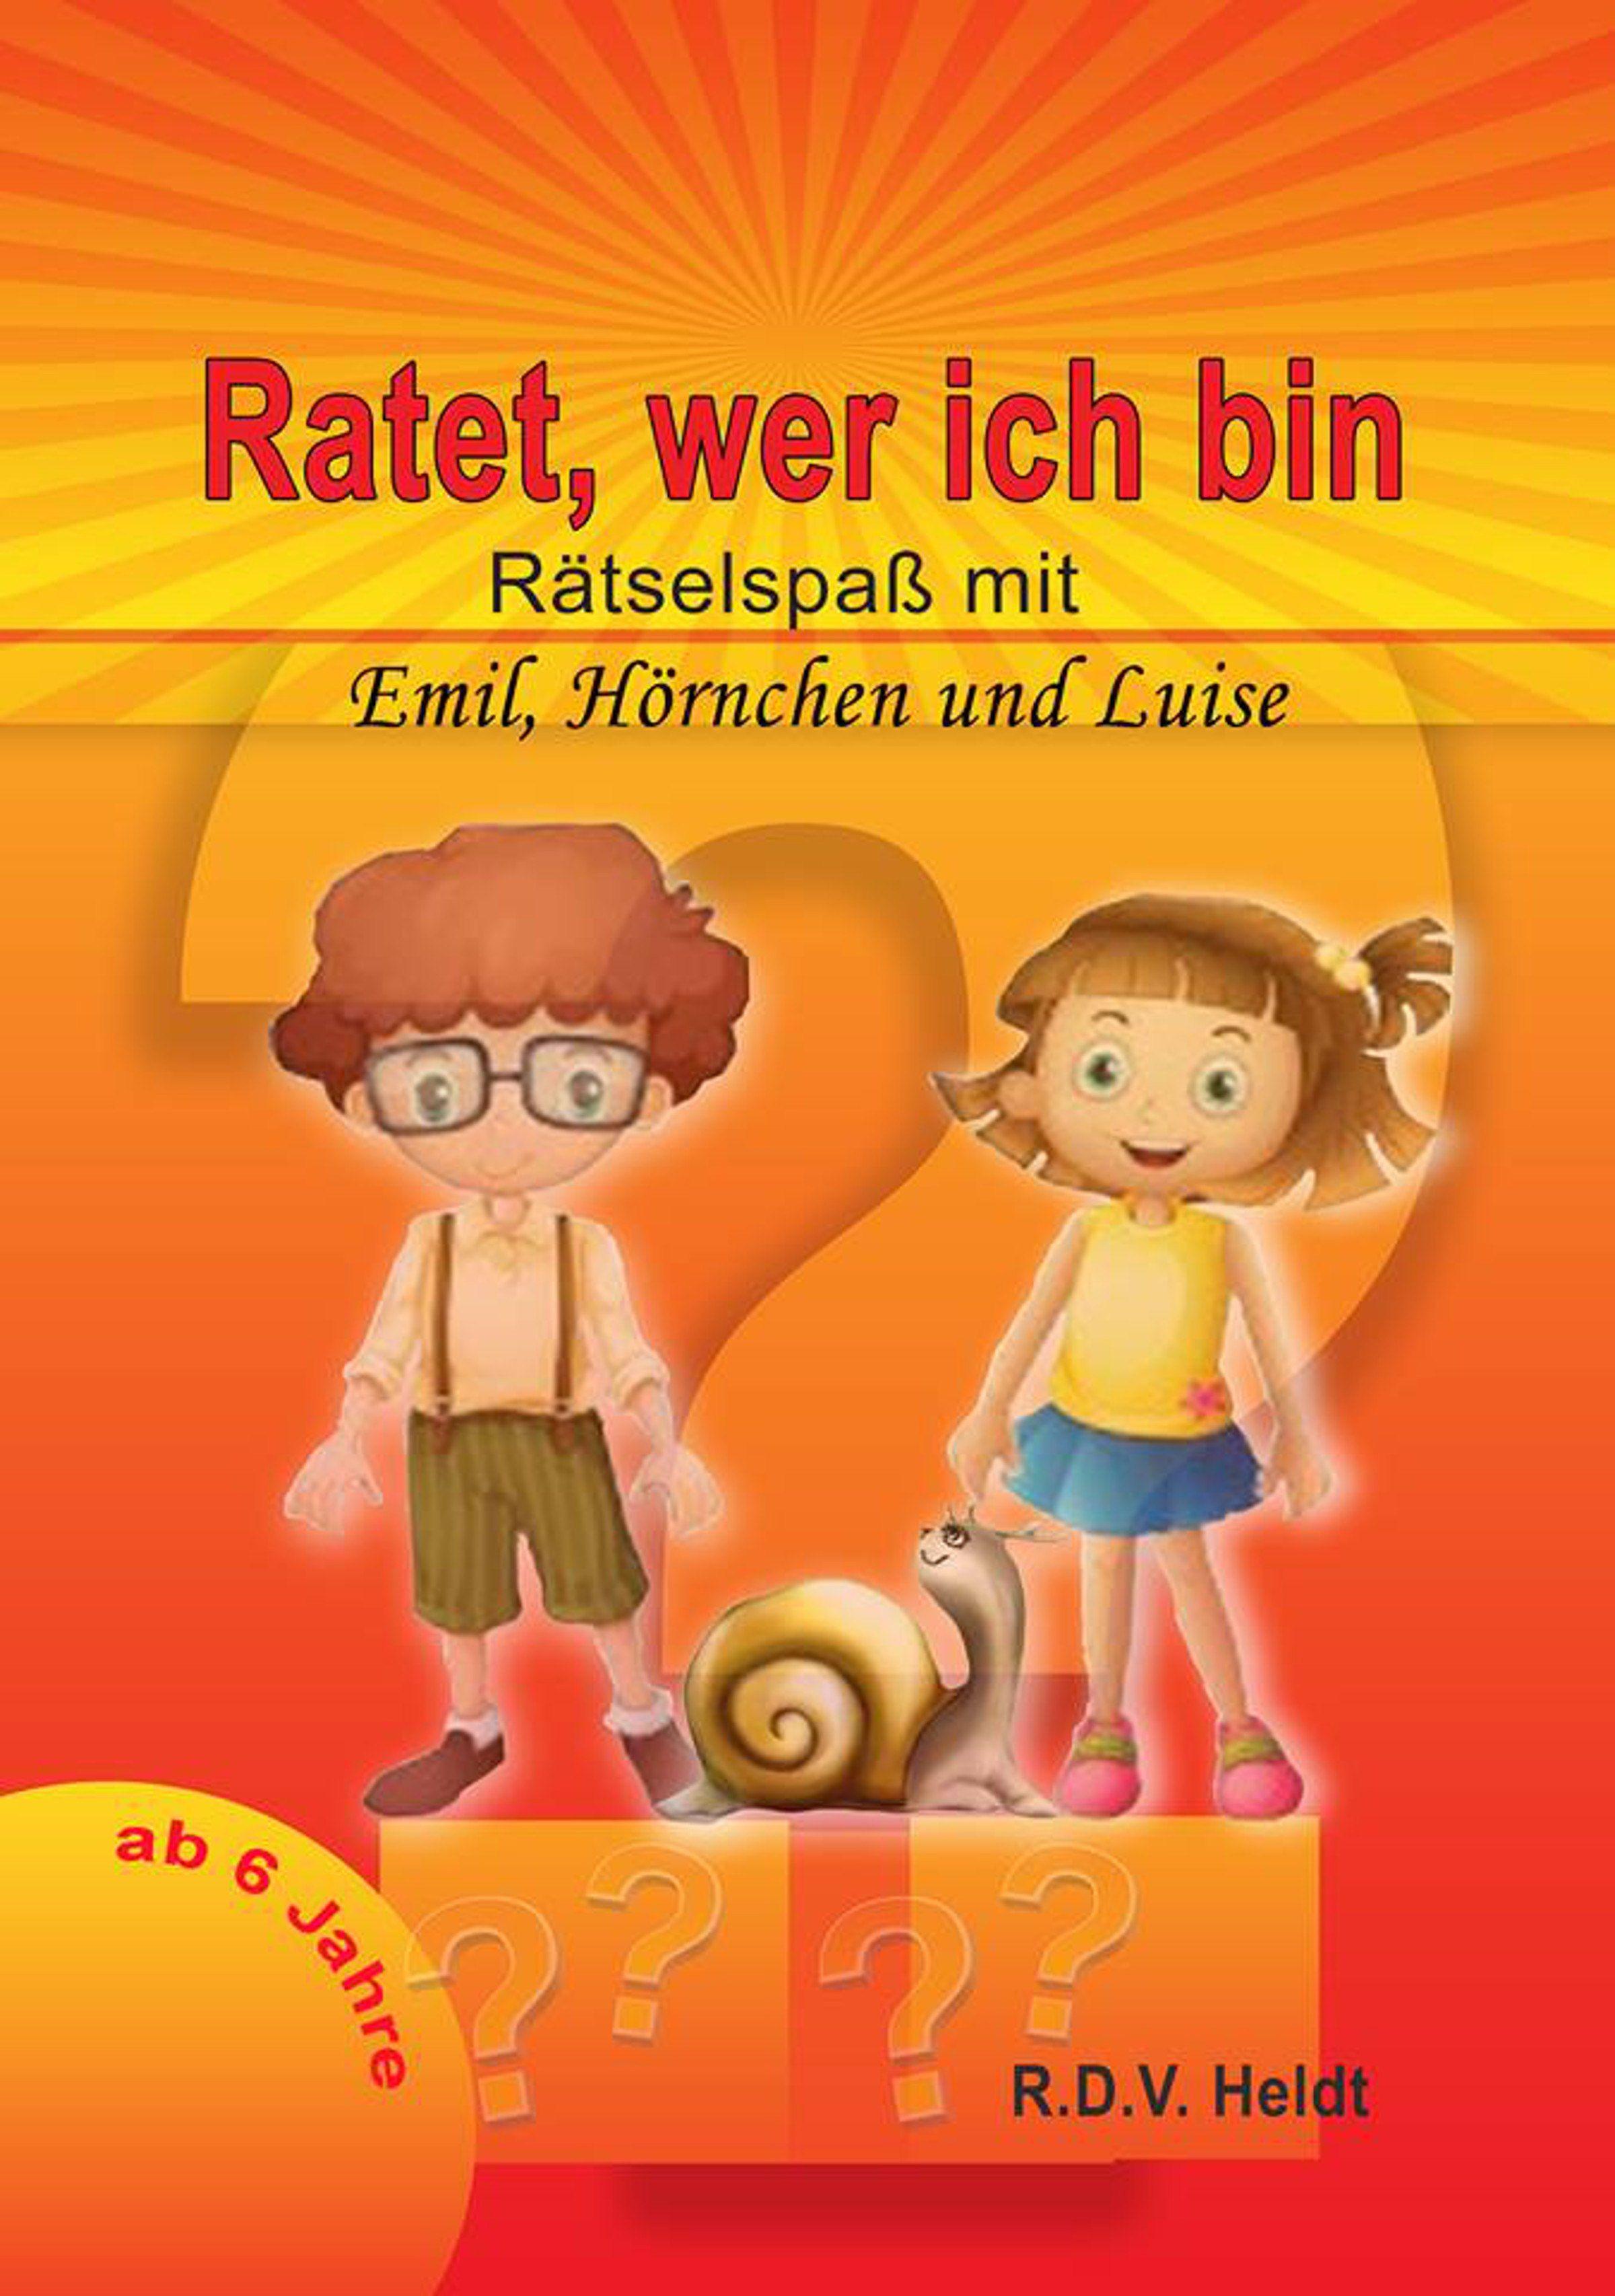 Pin Von Rita Heldt Auf Meine Kinderbucher Kinderbucher Ratselspass Spass